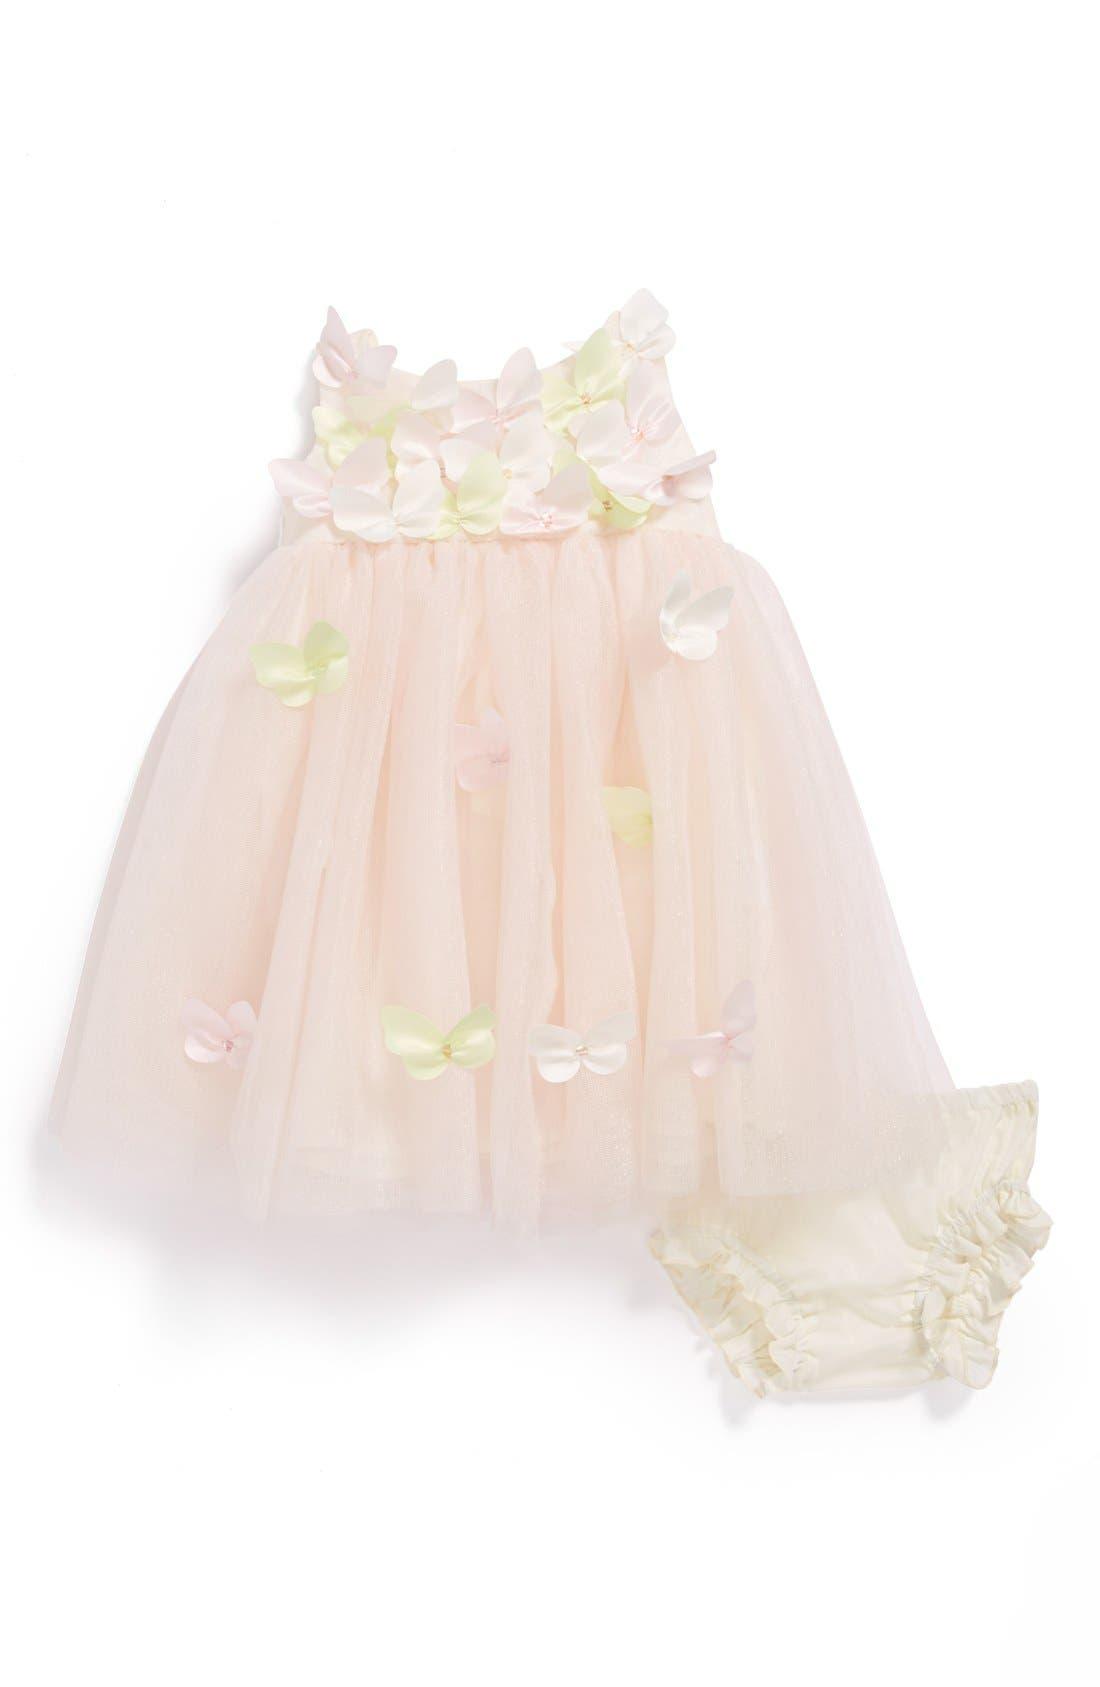 Main Image - Biscotti 'Balrina' Dress & Bloomers (Baby Girls)